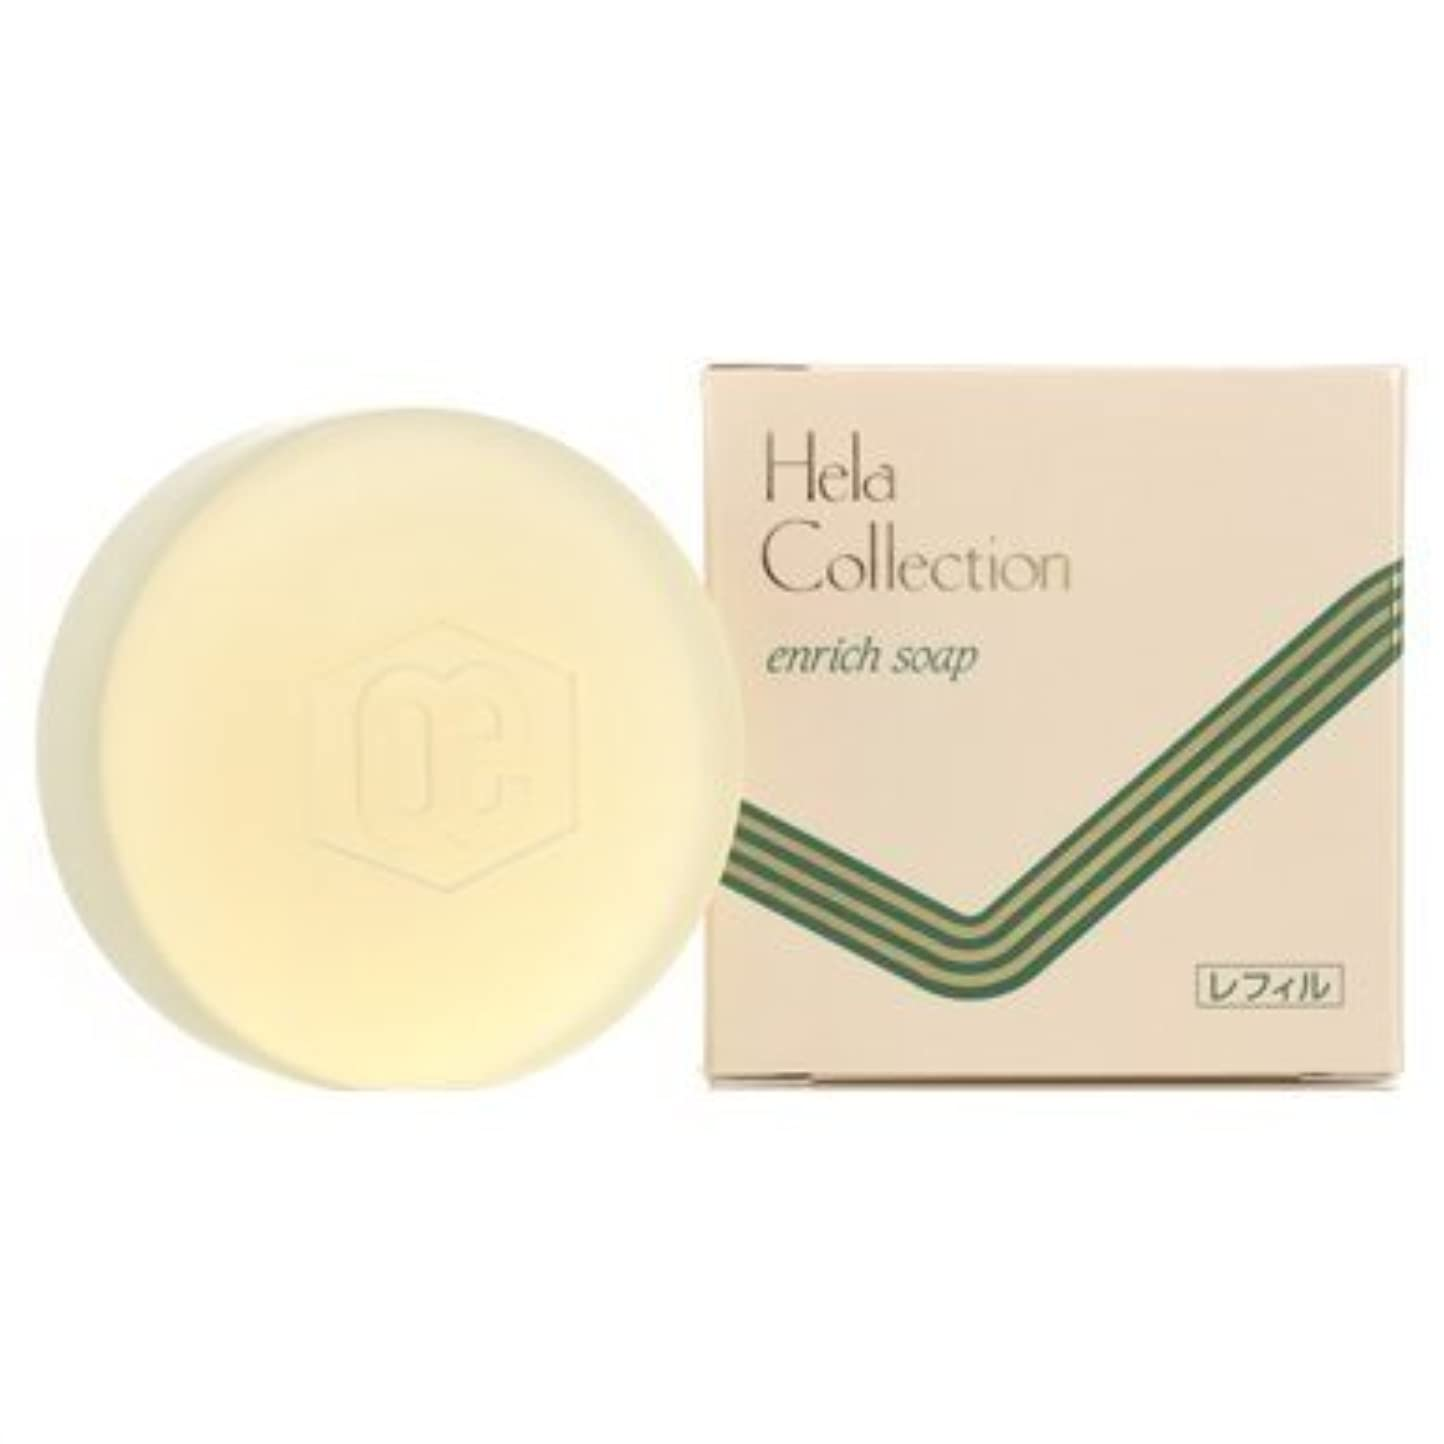 多様な数学かんたん大高酵素 エンリッチシリーズ エンリッチソープ(化粧洗顔石けん) レフィル100g